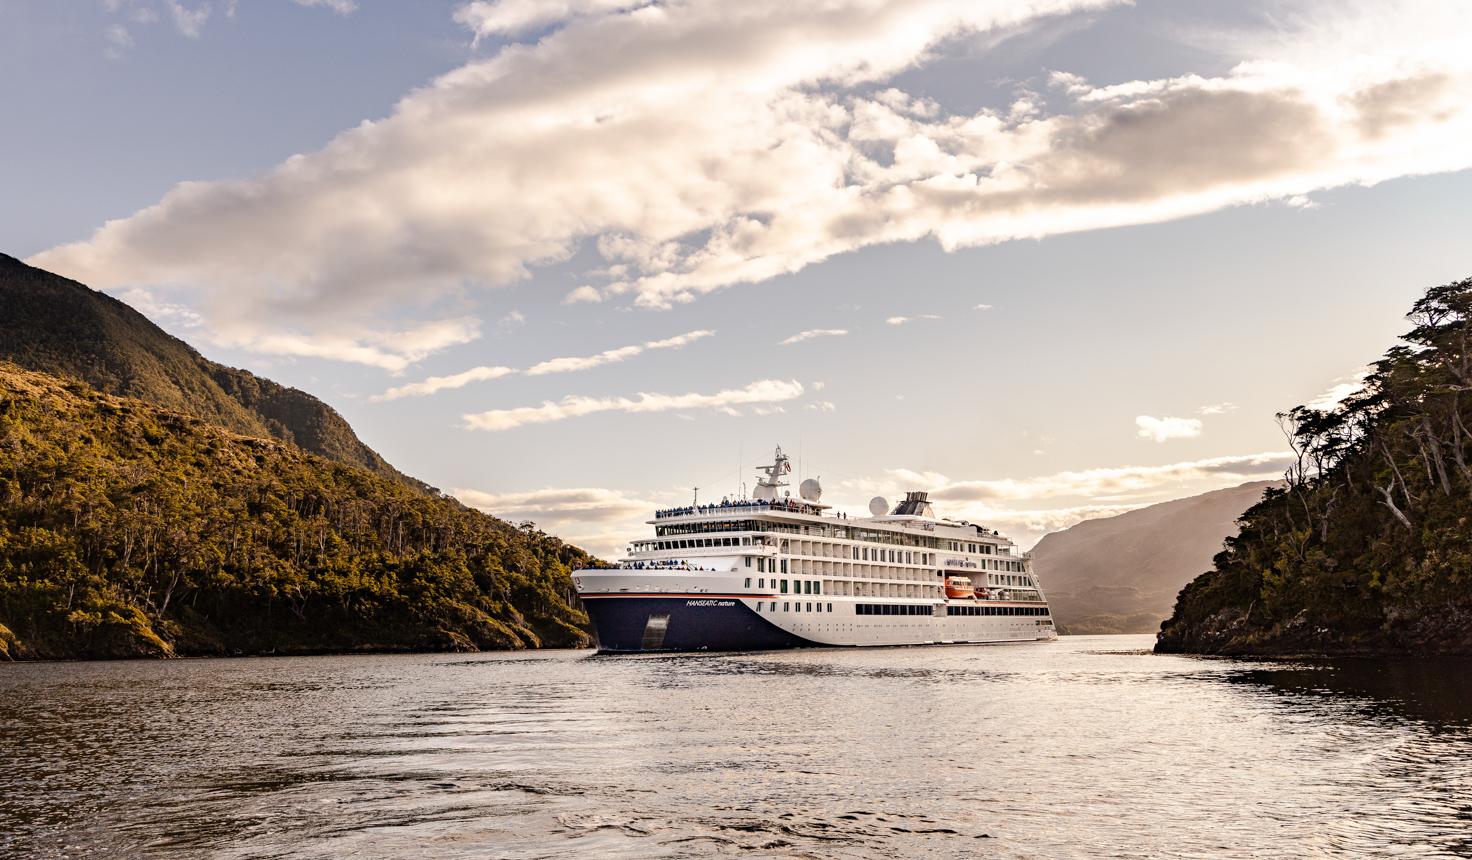 Mit der Hanseatic Nature von Hapag Lloyd nach Island-9